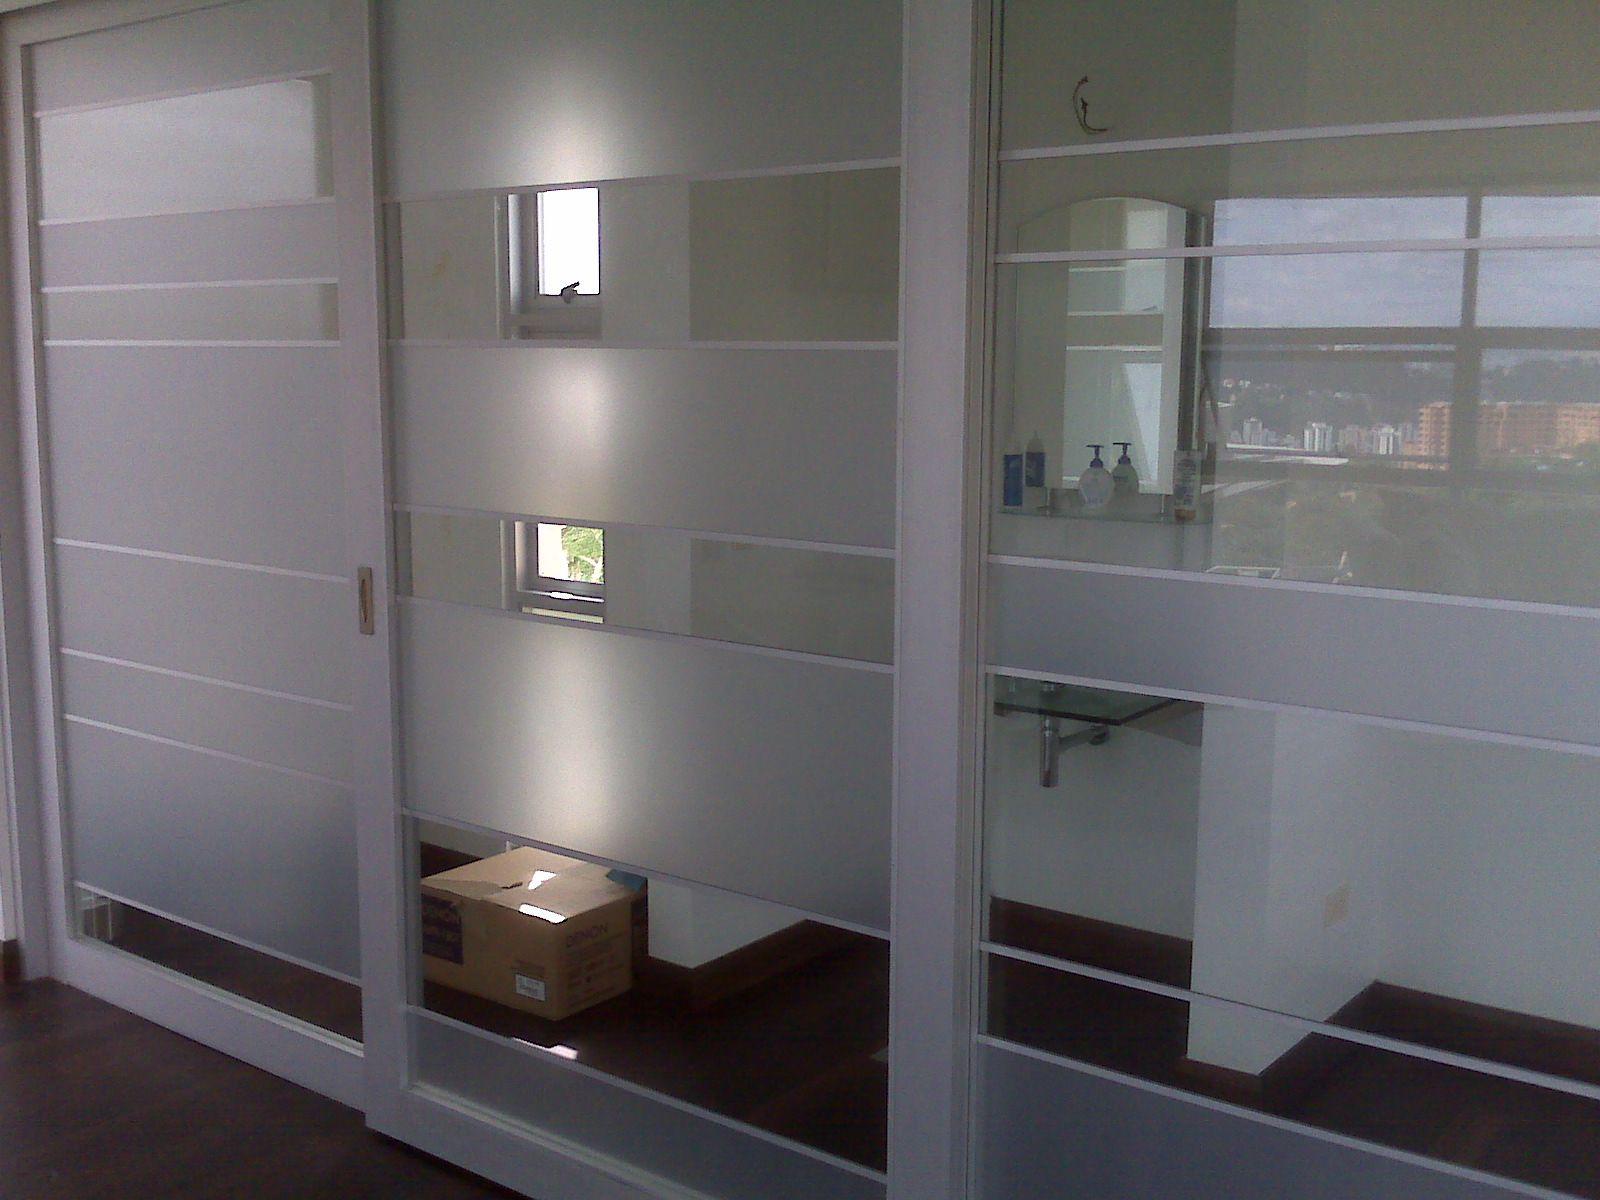 Separador de ambientes con puerta corredera de aluminio - Separador de ambientes ...